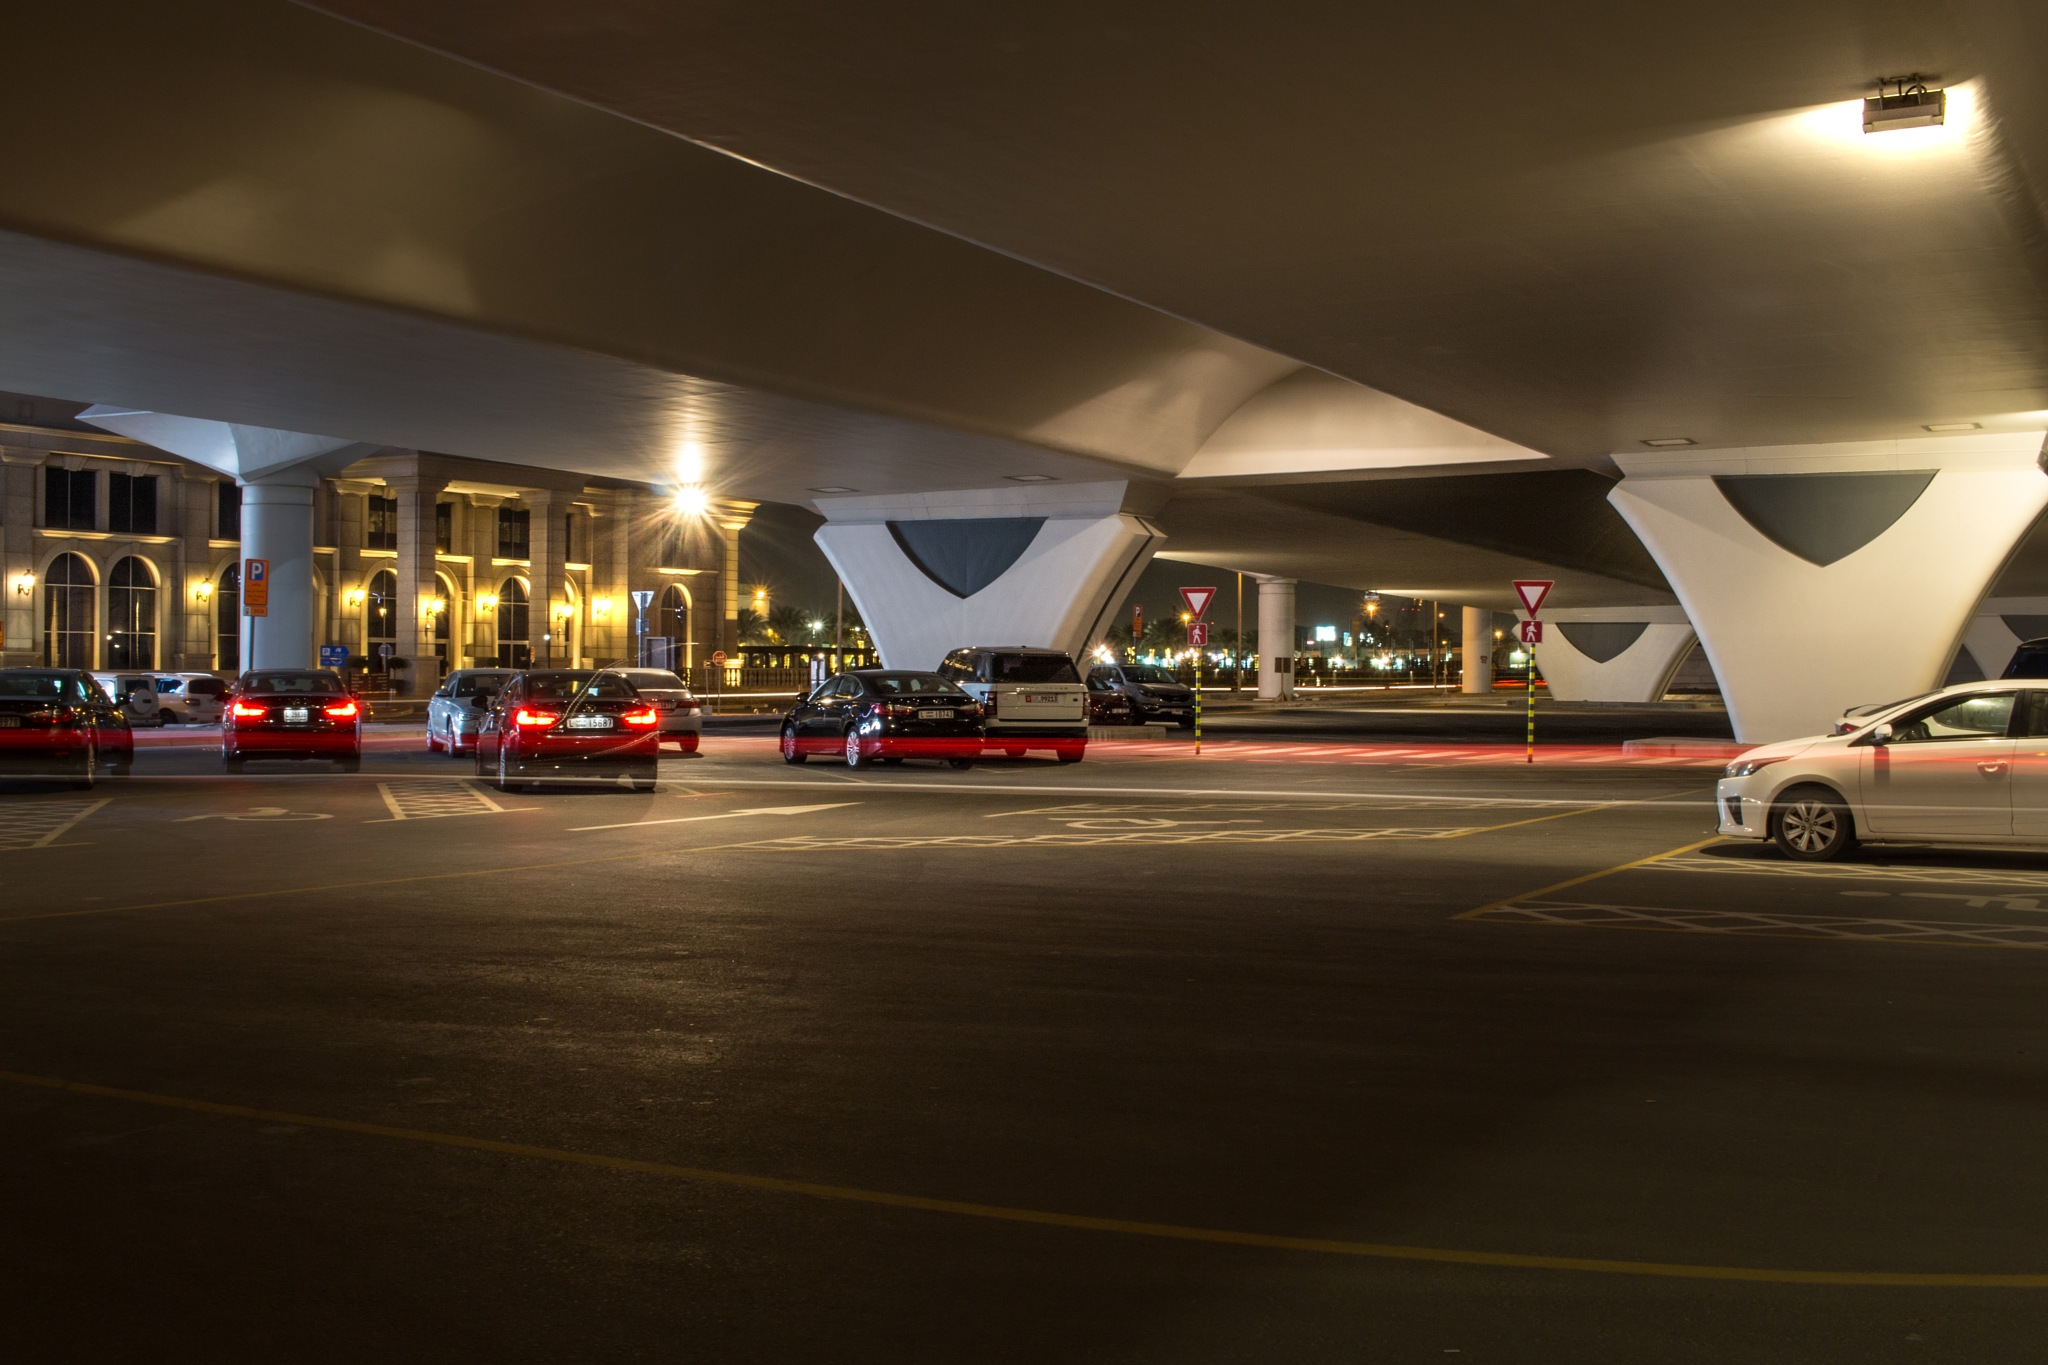 Under The Bridge by Victor Prey